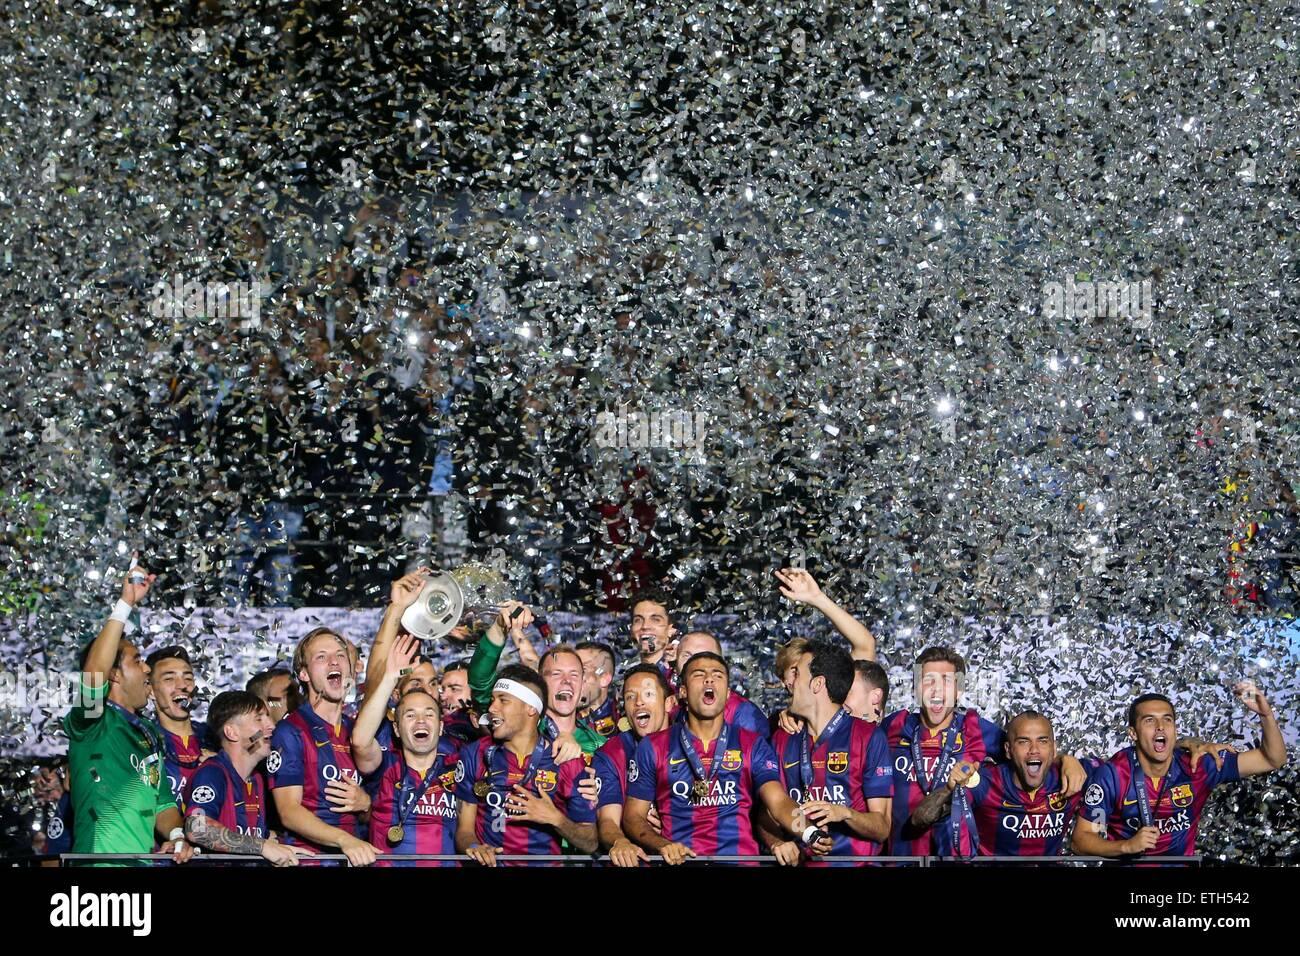 Beijing, Alemania. 6 de junio de 2015. Los jugadores del FC Barcelona celebran tras el partido final de la Liga Imagen De Stock